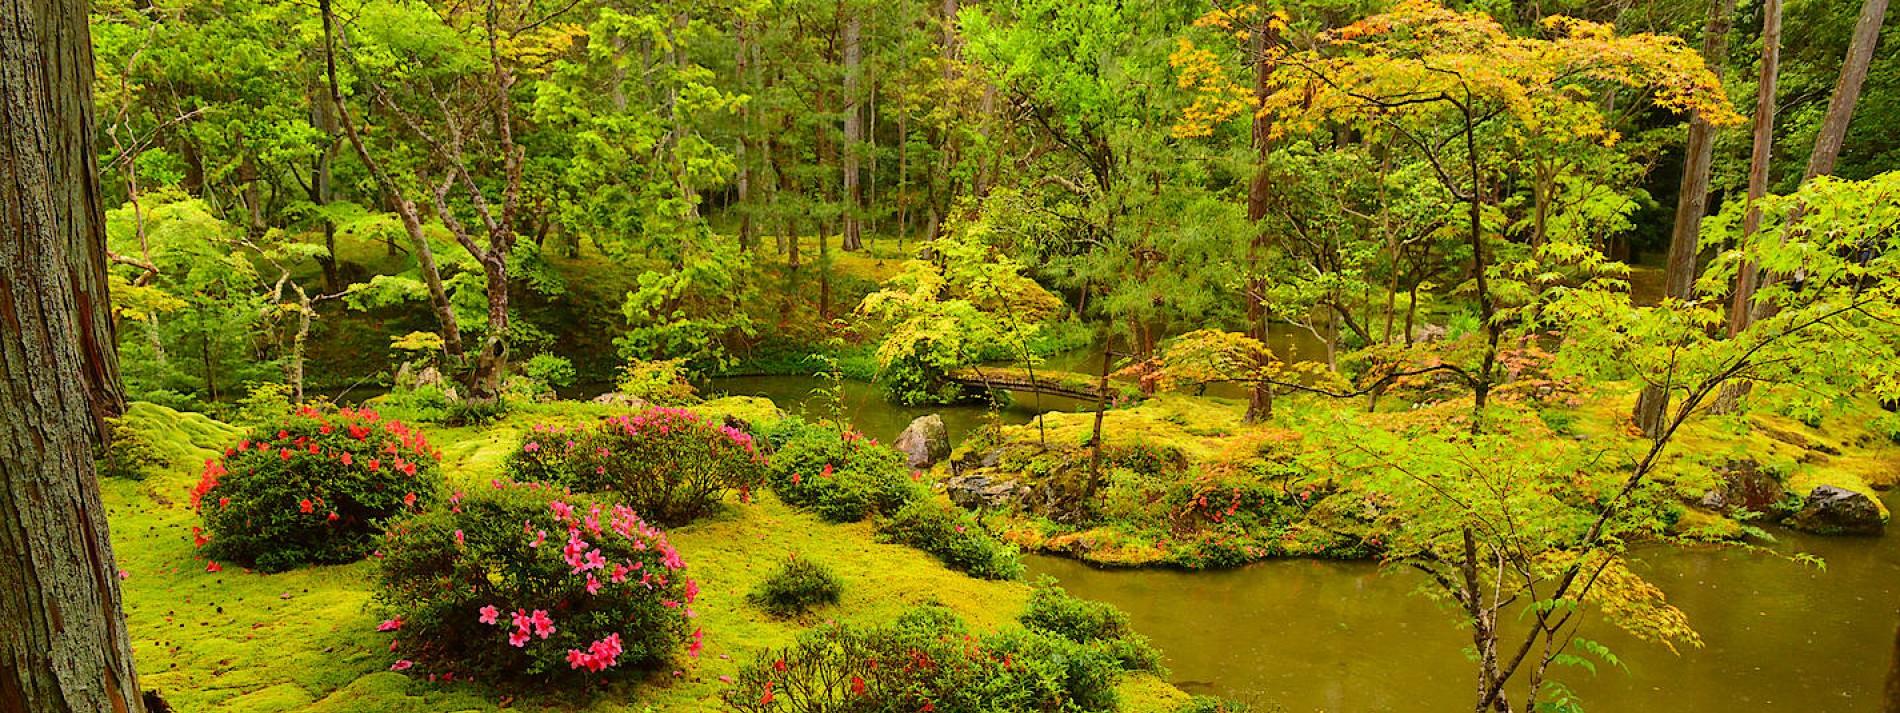 Ein Plädoyer für grüne Winzlinge Warum Moos dem Garten gut